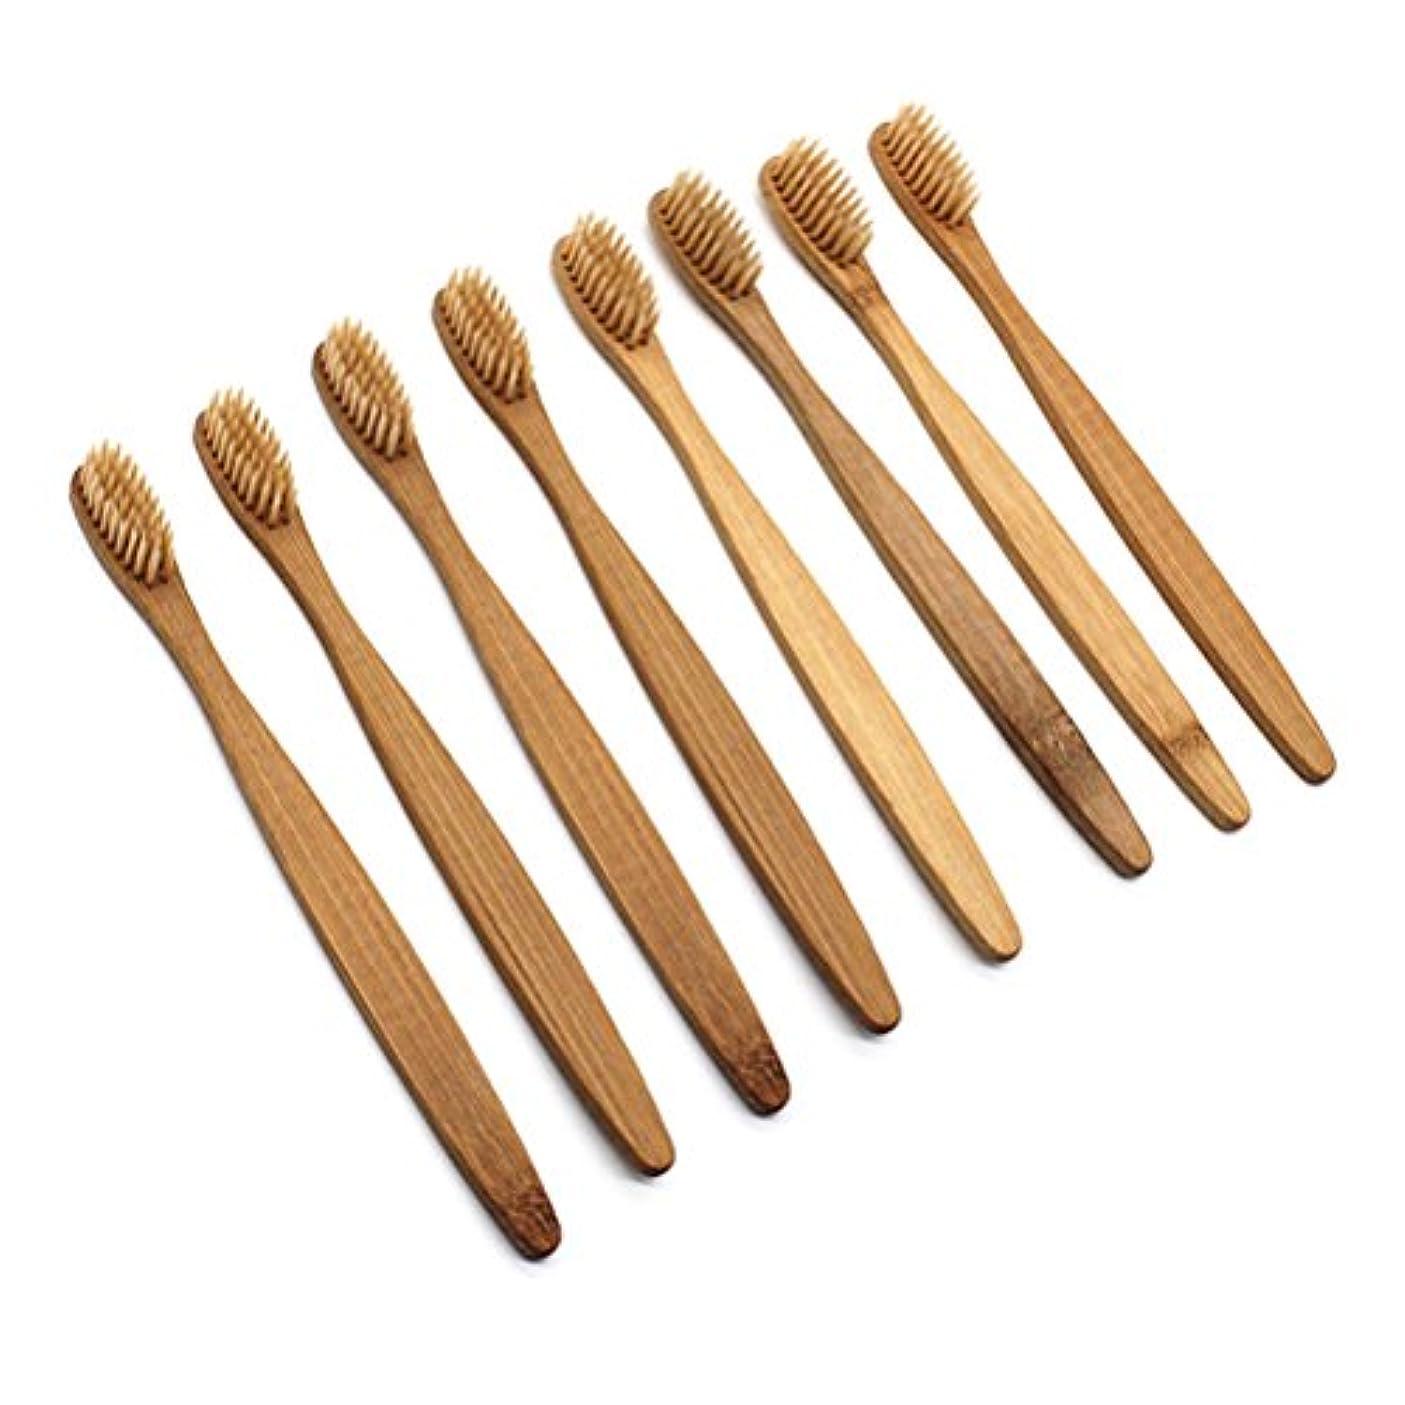 優遇モスク呼ぶHealifty 柔らかい剛毛が付いているタケ歯ブラシの自然な木のECOの友好的な歯ブラシ歯ブラシ16pcs